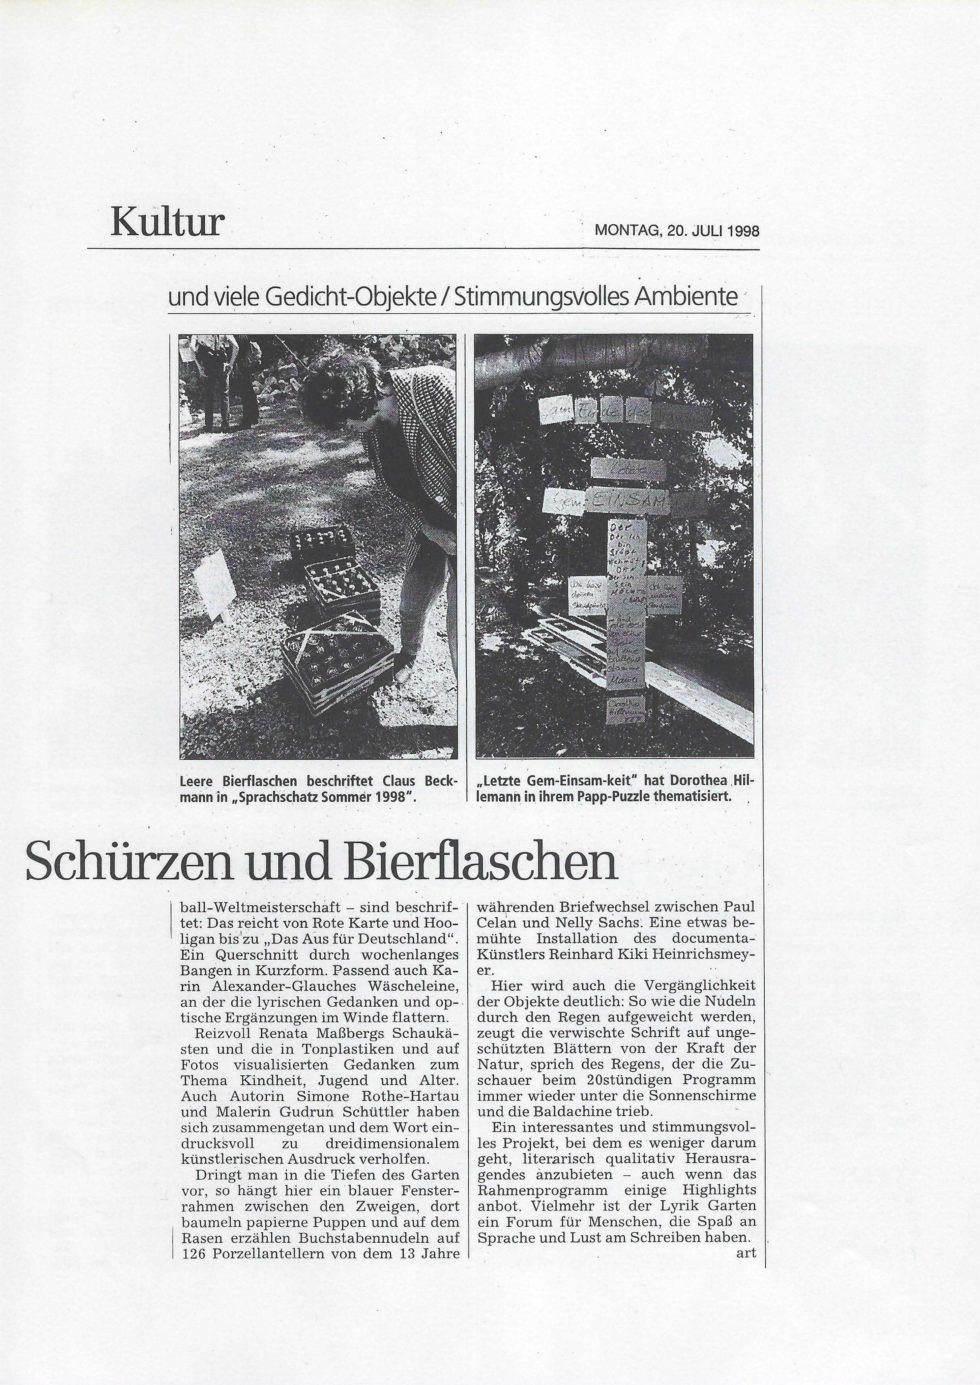 1998 LyrikGarten, LiteraTalk, Politisches_Seite_12